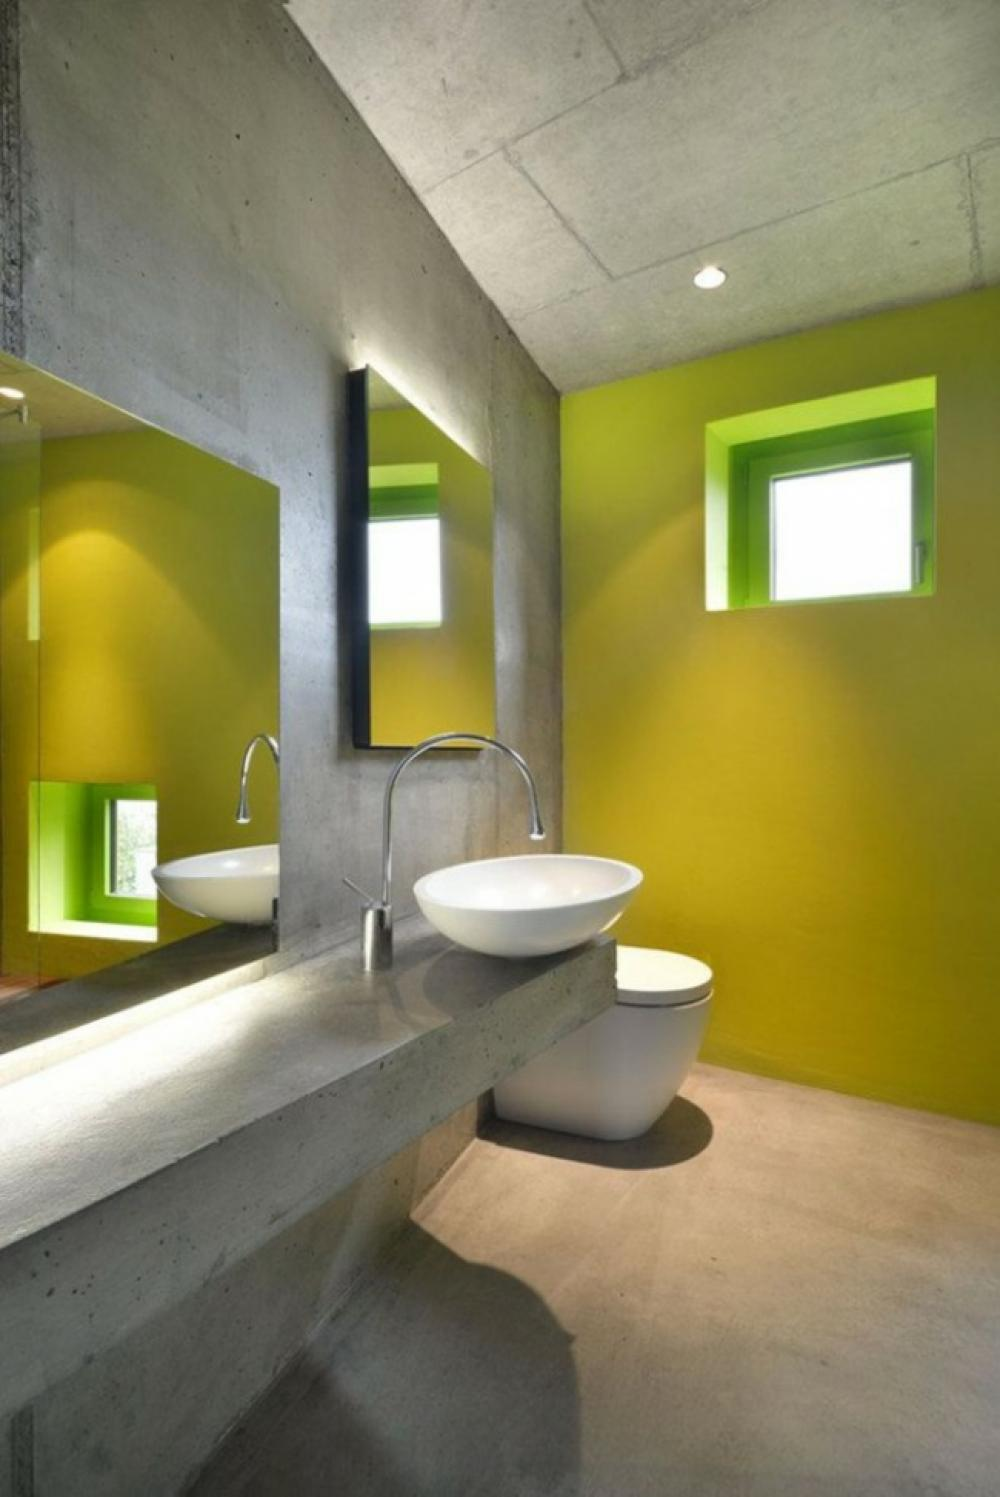 16 idées béton pour des salles de bain design - Plafond Pour Salle De Bain